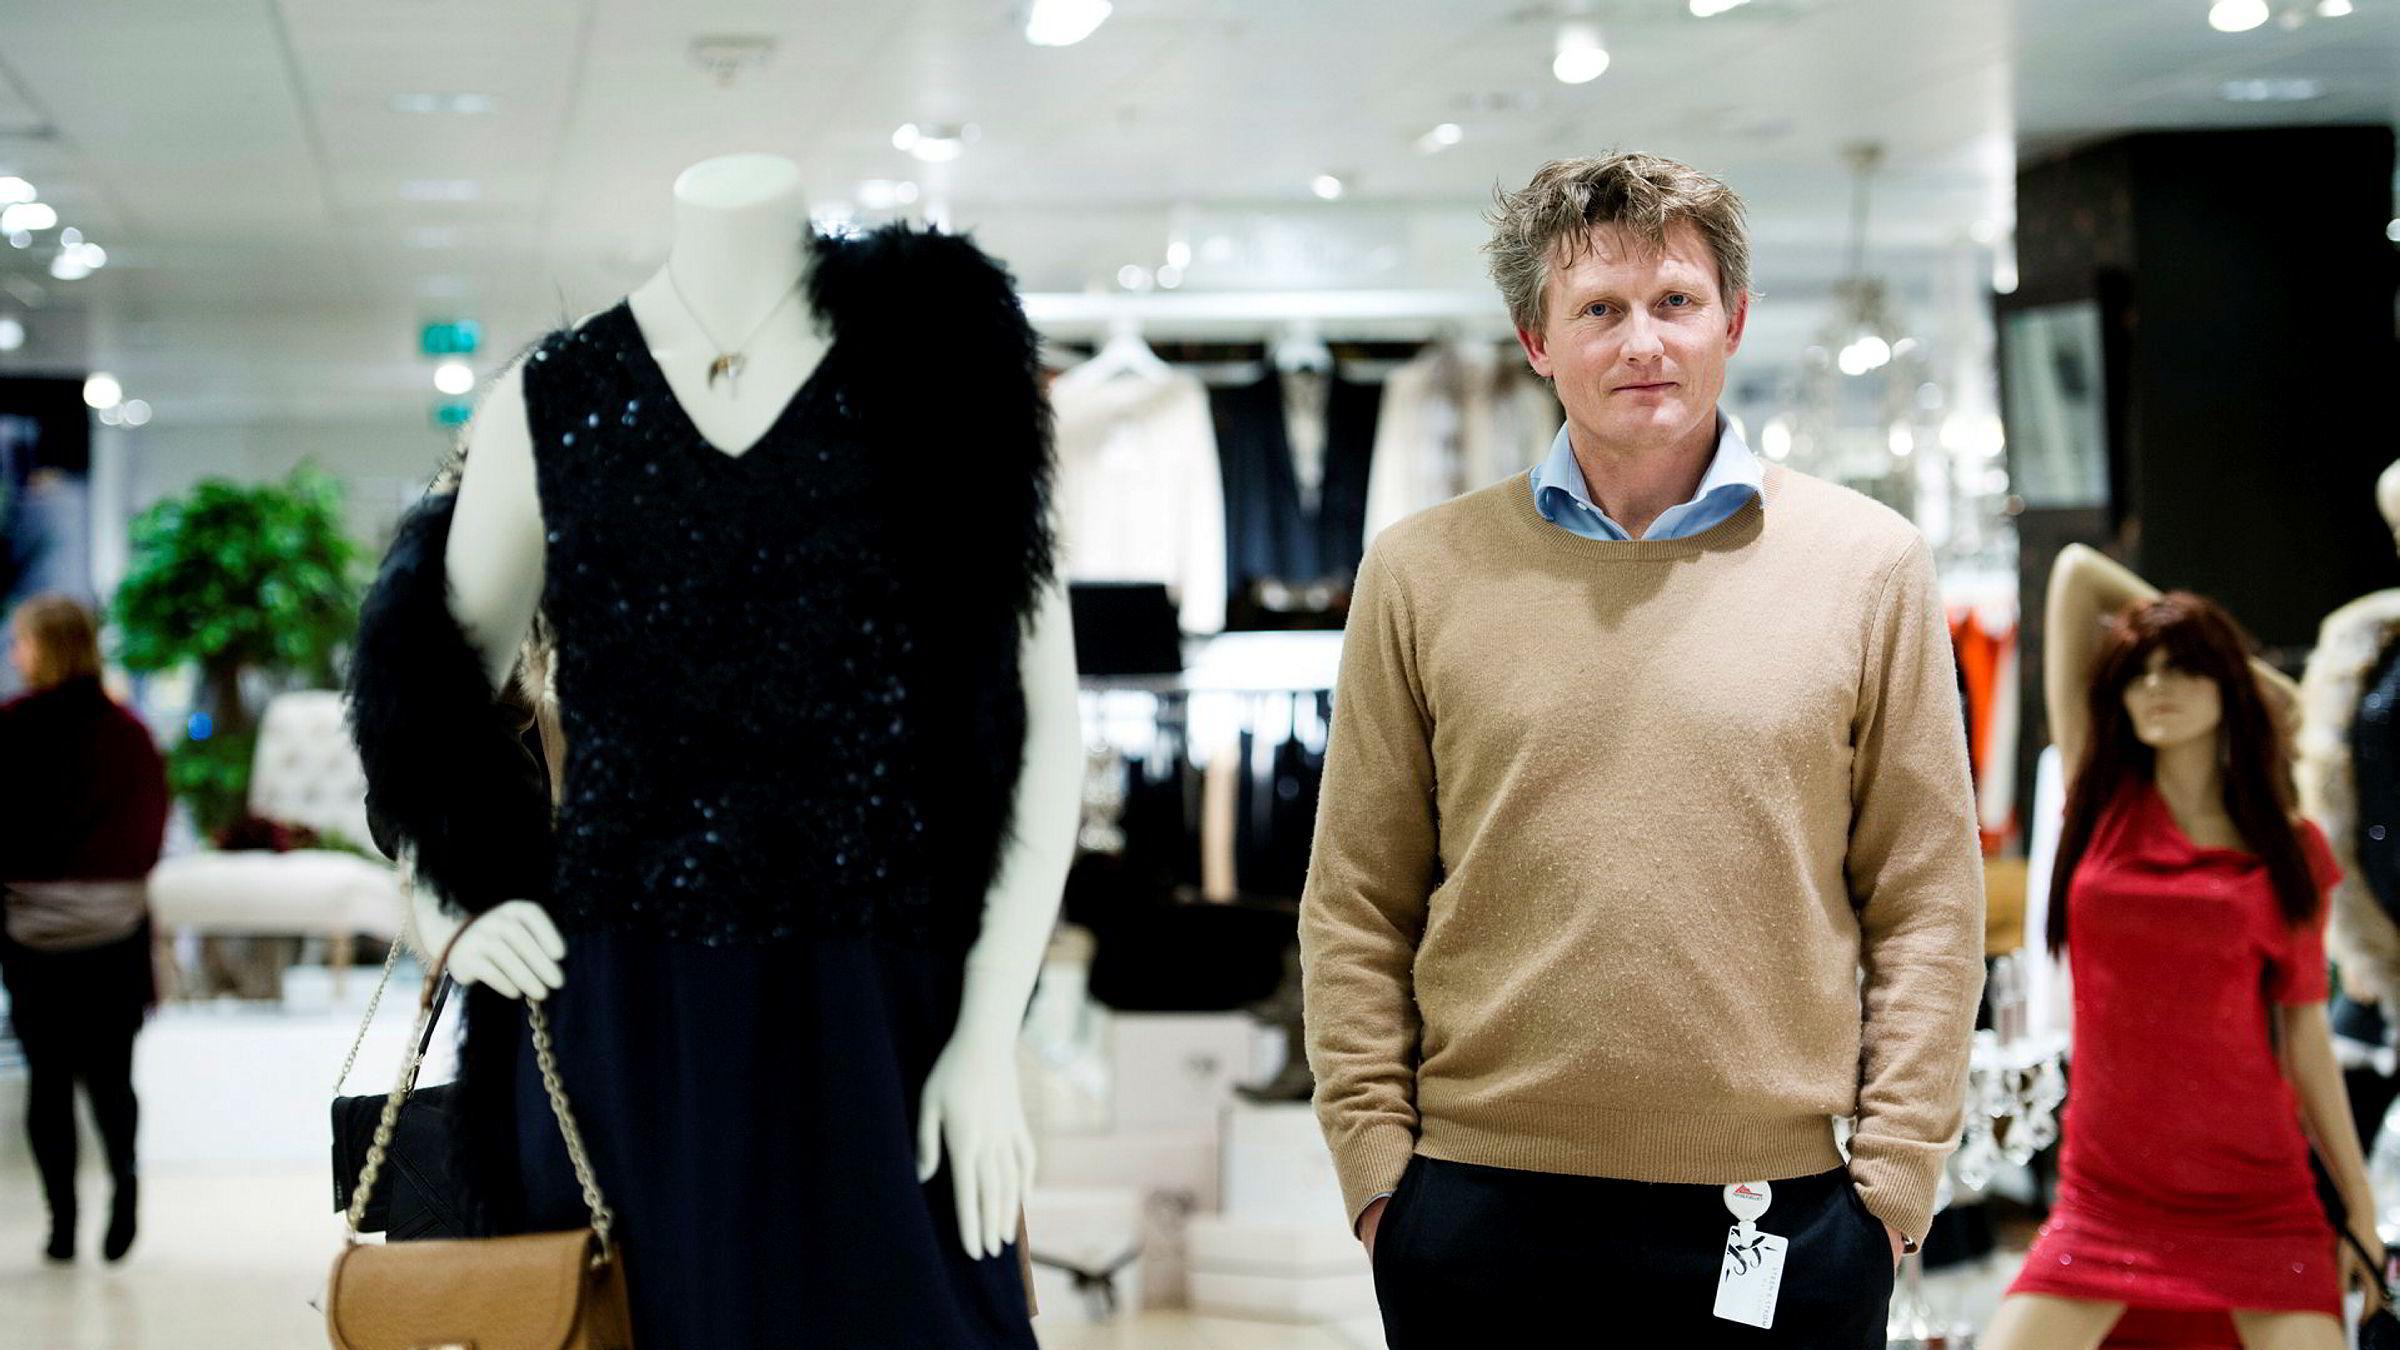 Jotunfjell-gründer Hans Kristian Hov-Melbye har en egen evne til å stable kollapsede butikkonsepter på bena. Her fra 2012 da han tok jobben med å snu pengesluket Steen & Strøm magasin.